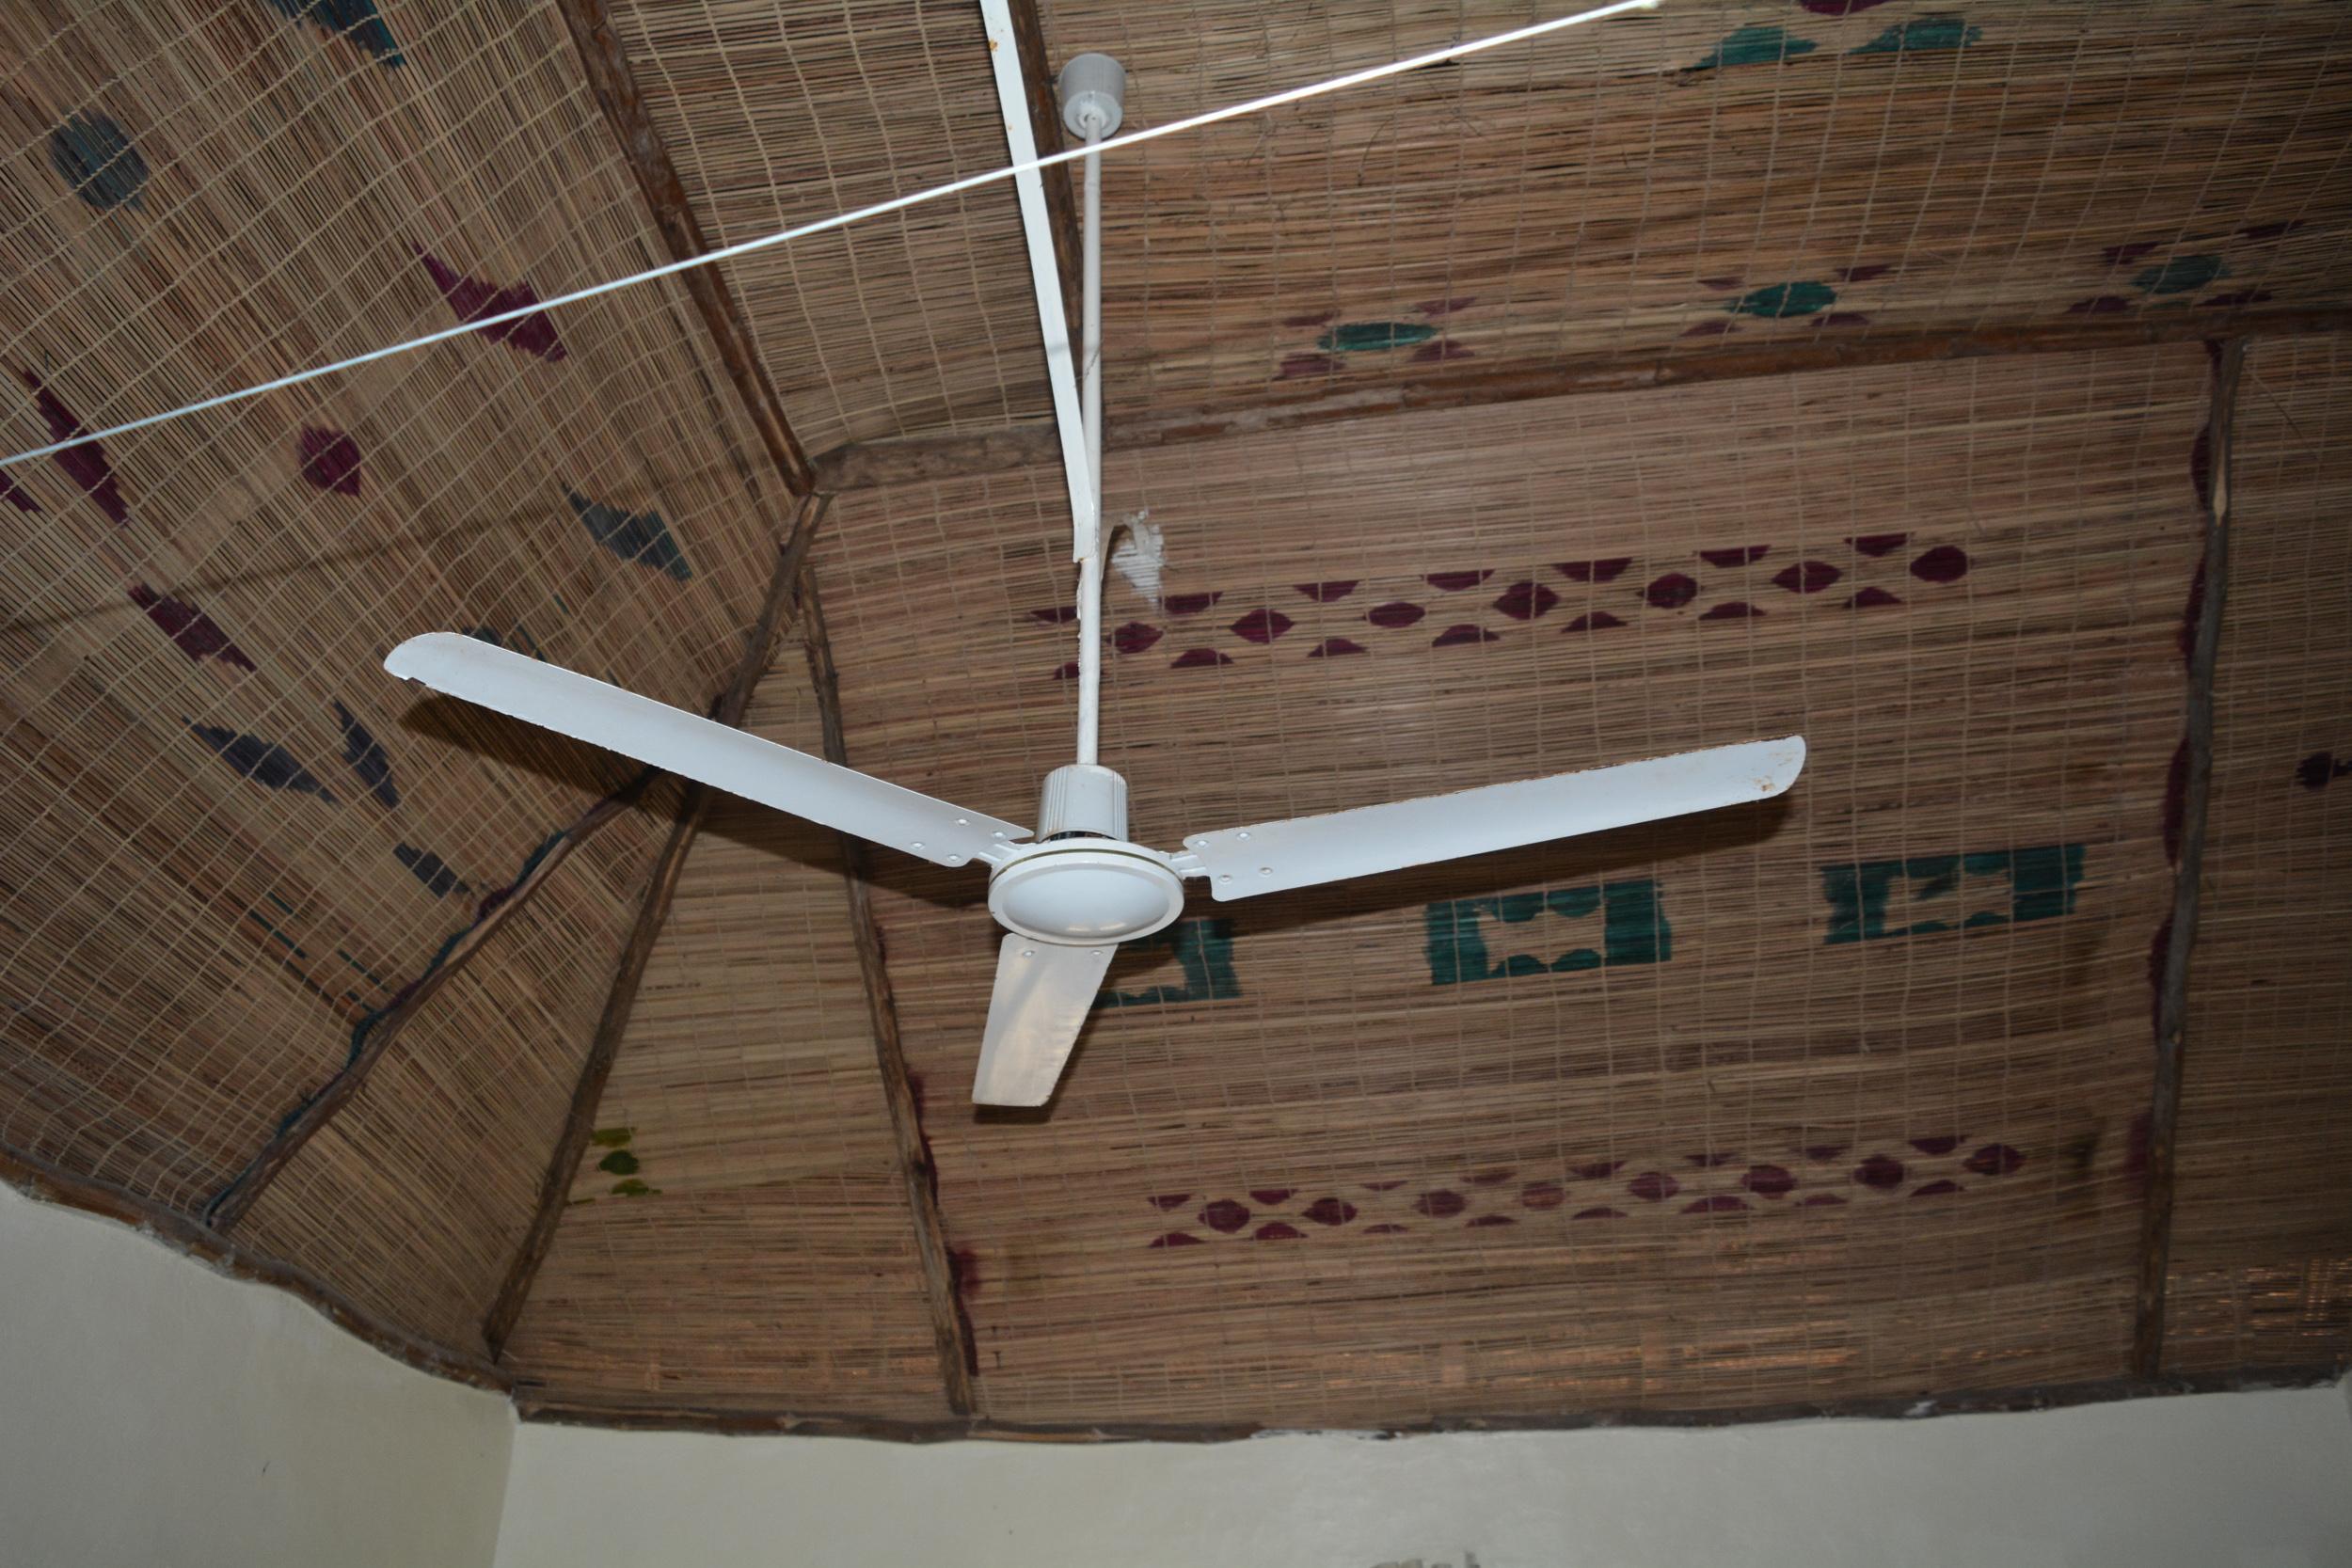 GR ceiling fan